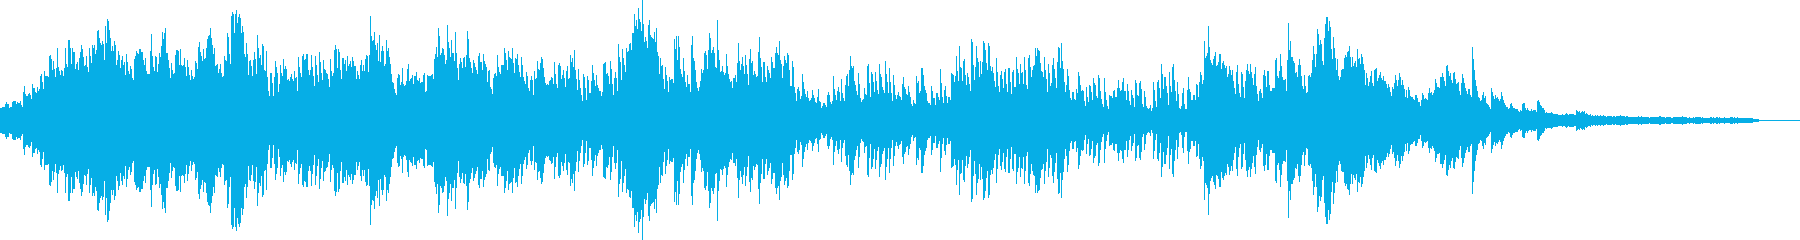 ショパンのプレリュードOp28のNo23の再生済みの波形